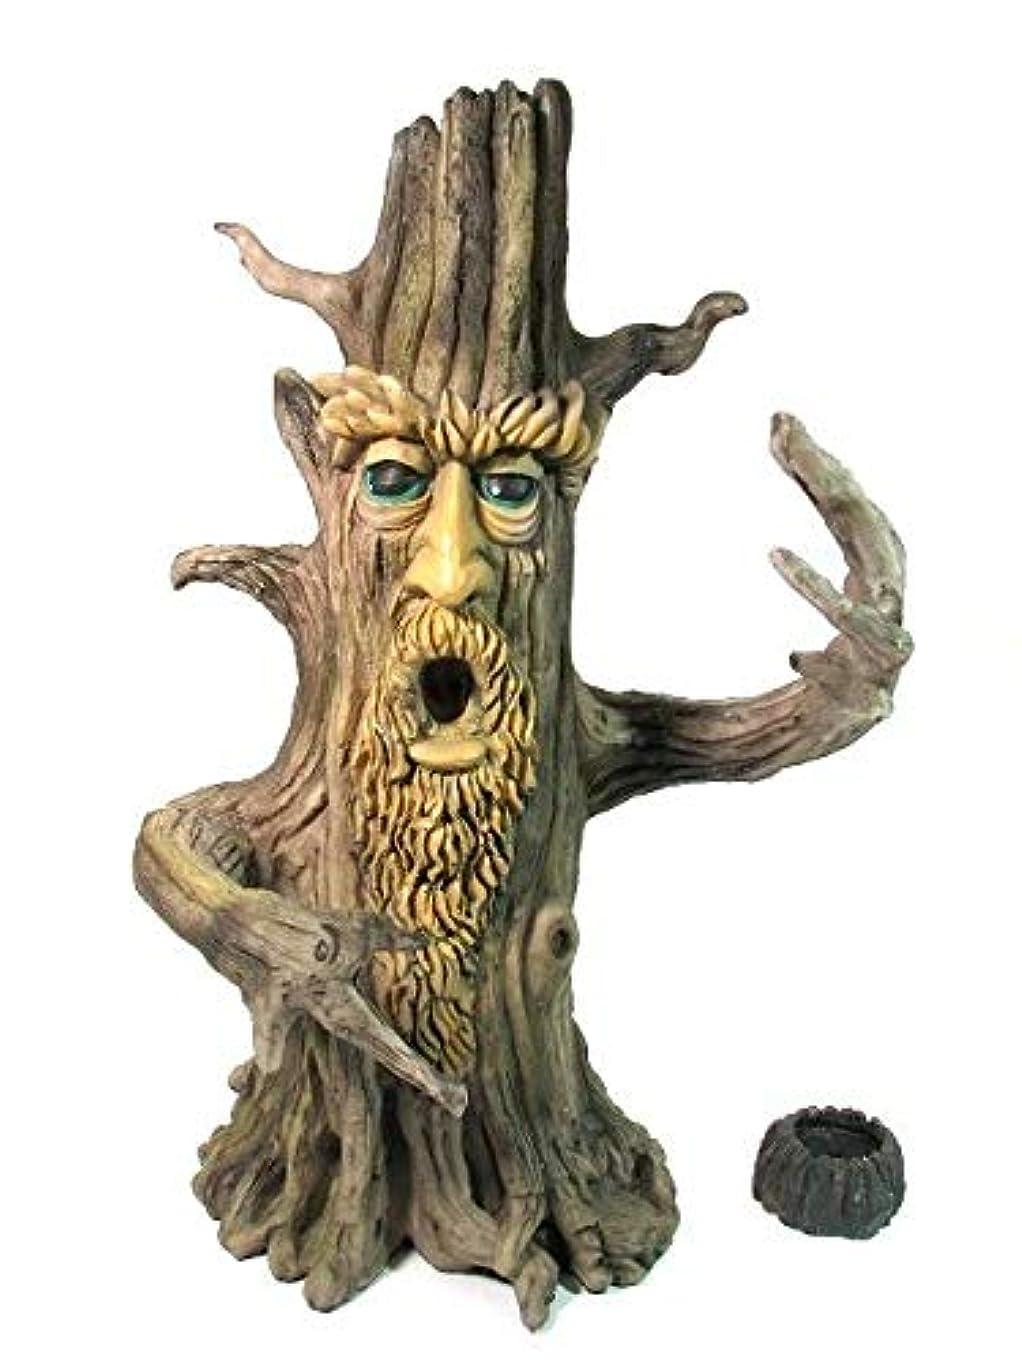 小競り合い望ましい道徳の[INCENSE GOODS(インセンスグッズ)] TREE MAN INCENSE BURNER 木の精香立